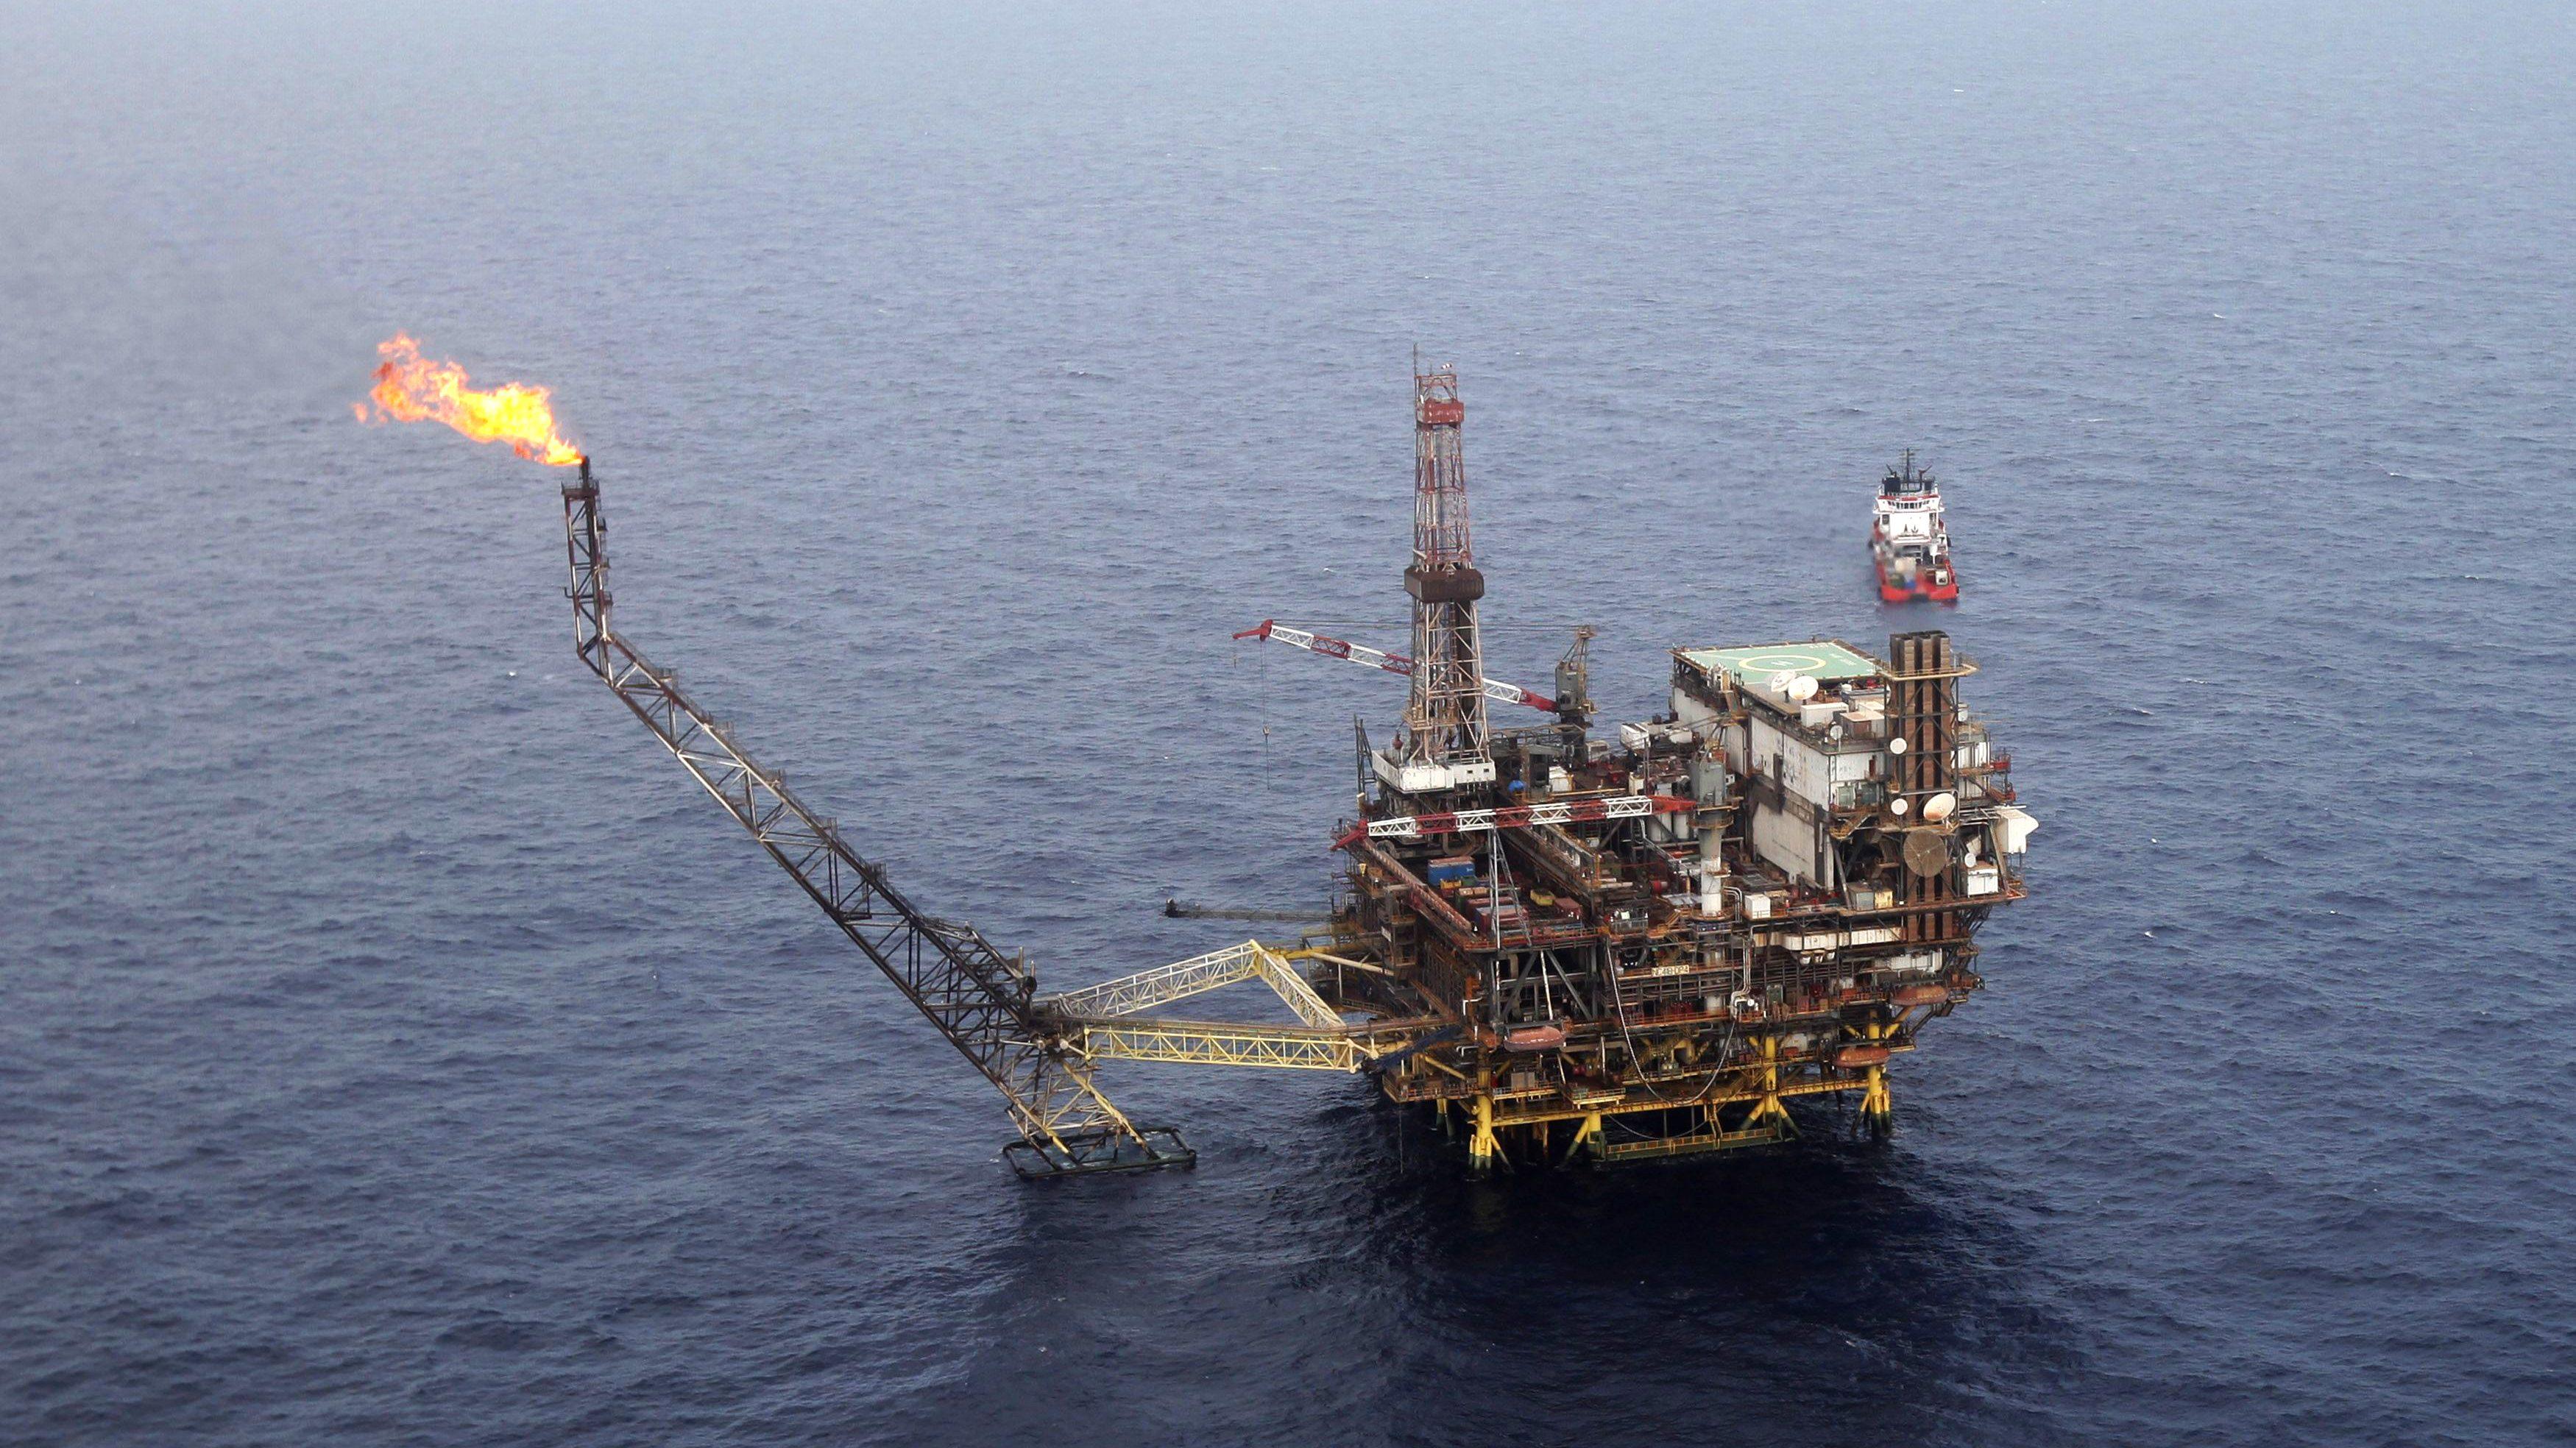 Eni oil field in Libya